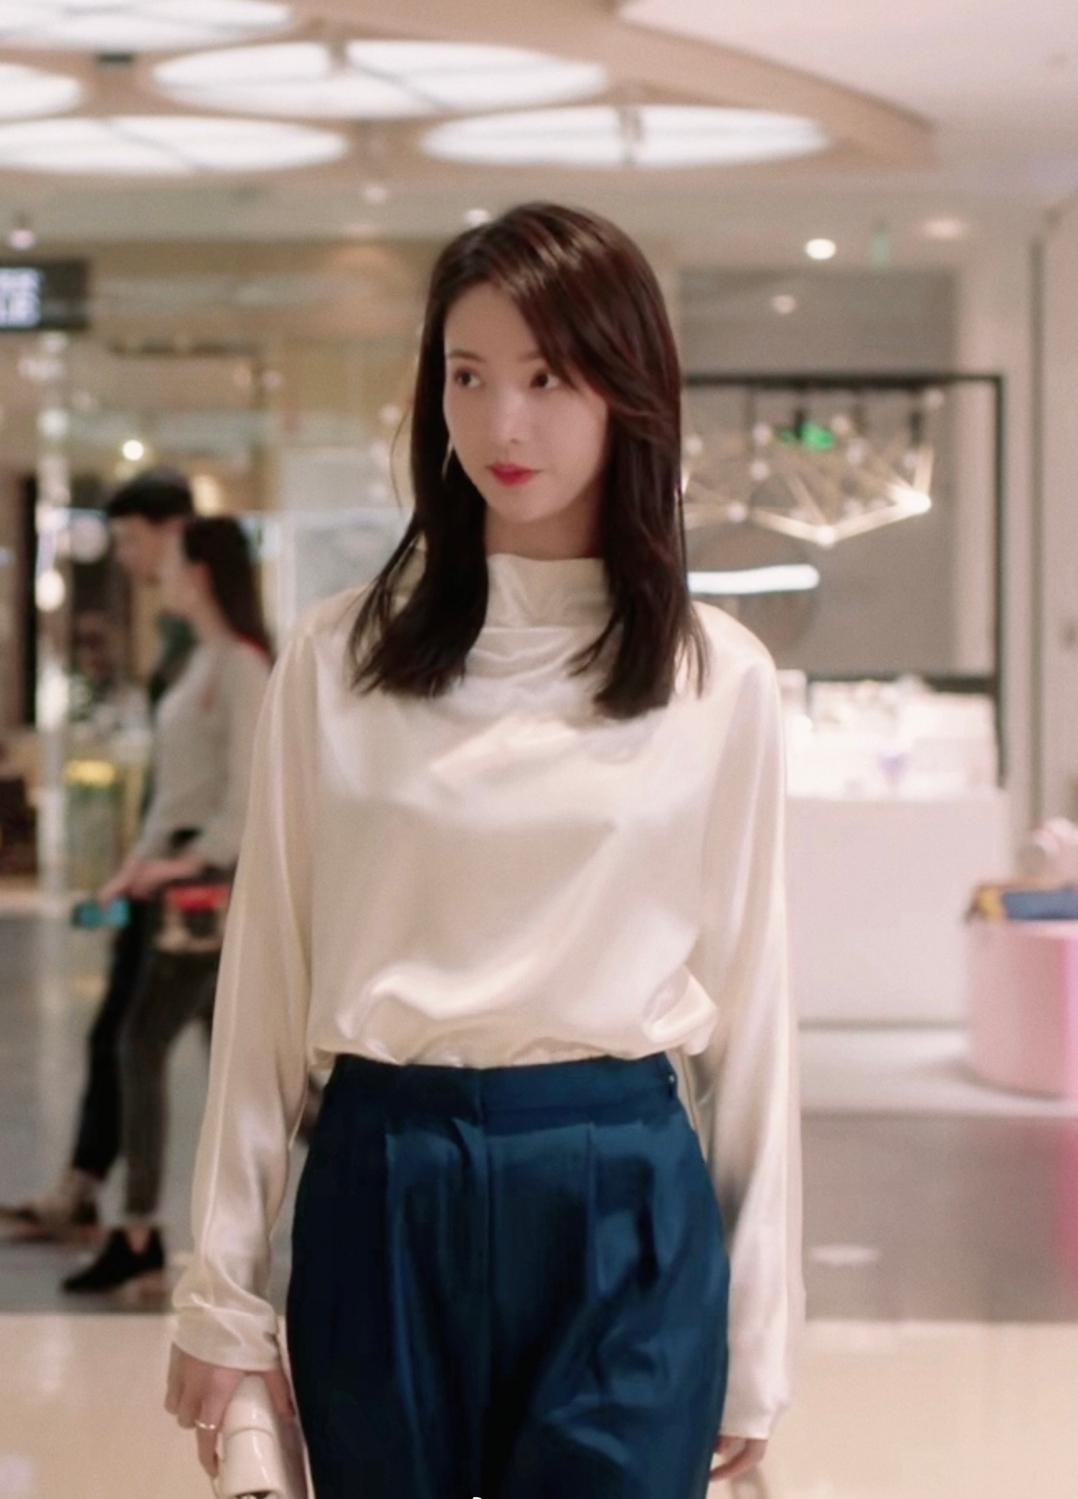 Đệ nhất mỹ nhân mặc đẹp nhất màn ảnh Hoa ngữ hiện tại: Gây bão mạng vì thay quá nhiều quần áo trong một tập phim - Ảnh 3.